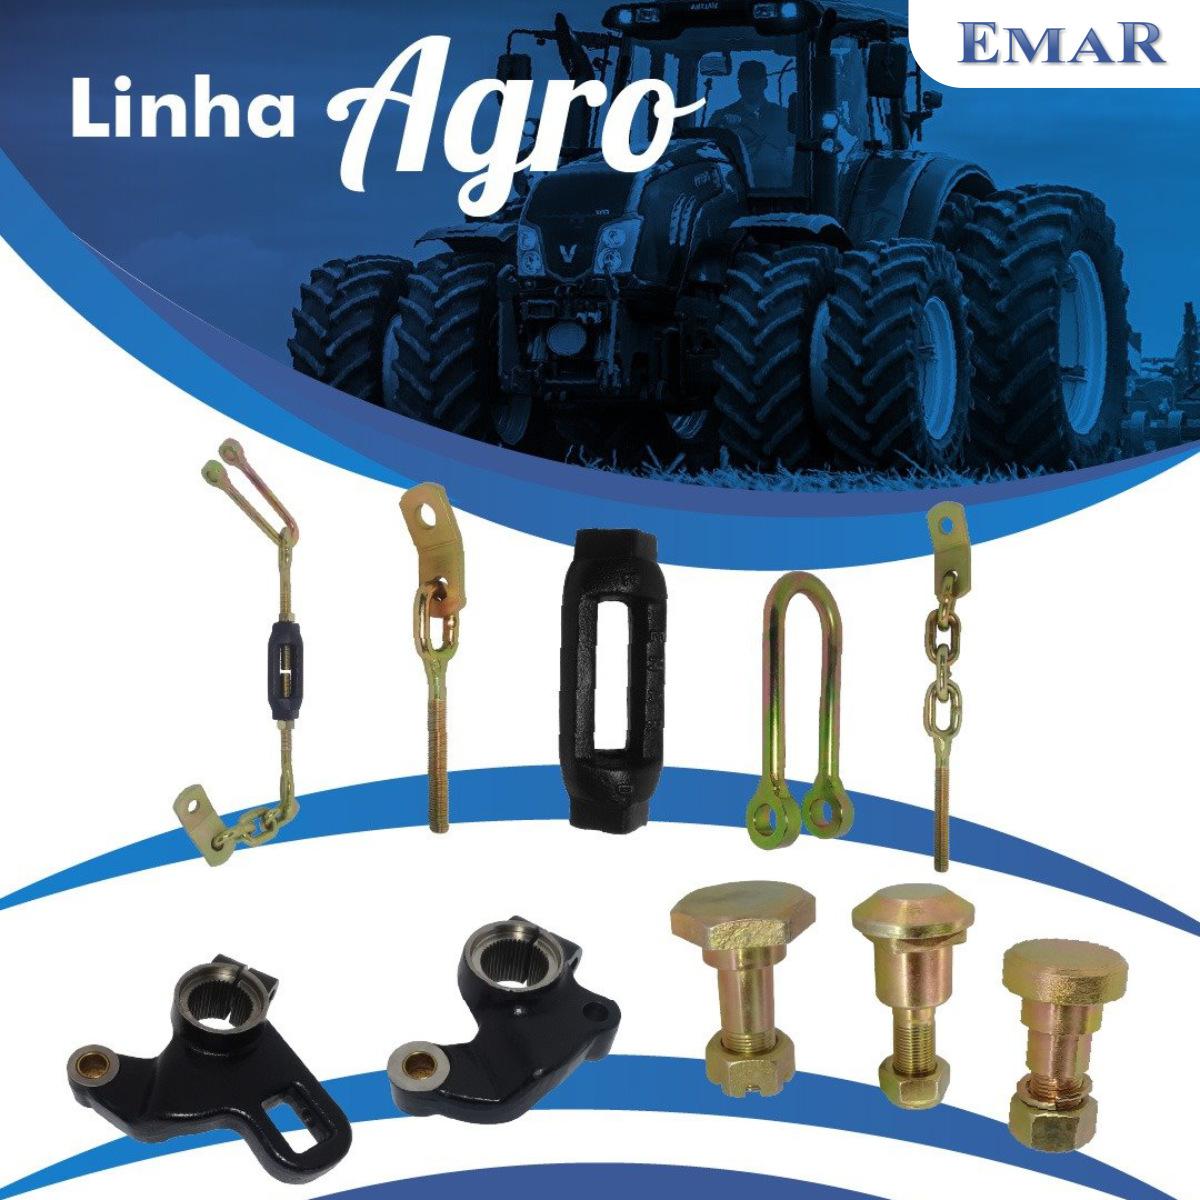 """Rabicho Esticador Direito 3/4"""" com Chapa - Linha Agrícola"""